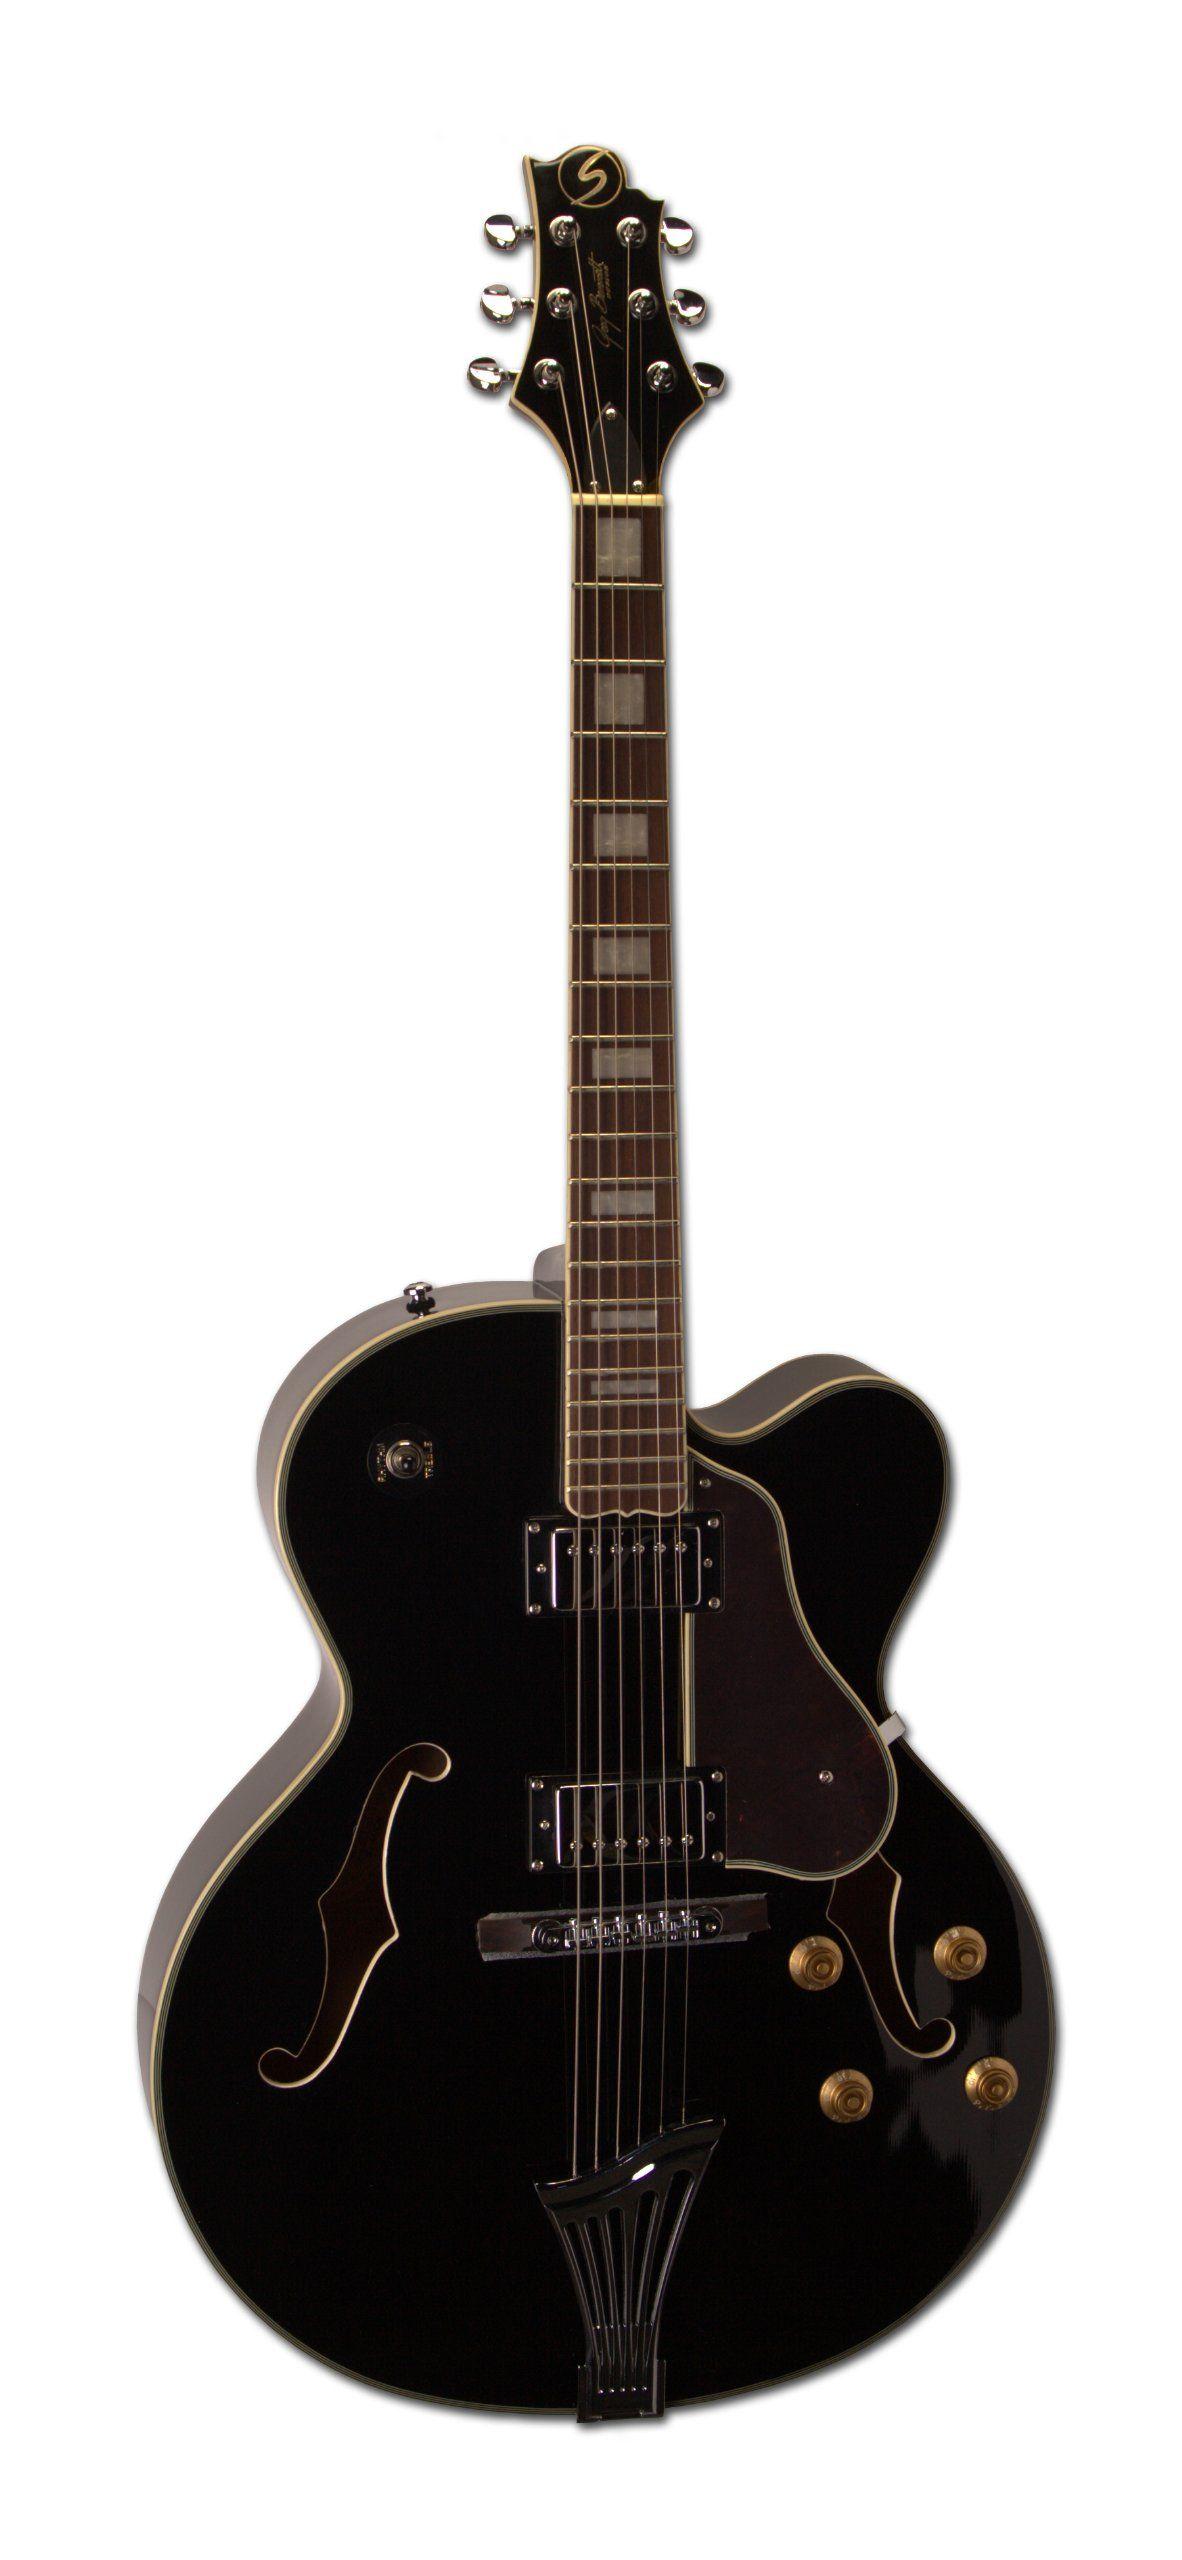 samick greg bennett design jz1 electric guitar black hollow body samick greg bennett design jz1 electric guitar black hollow body mahogany set neck